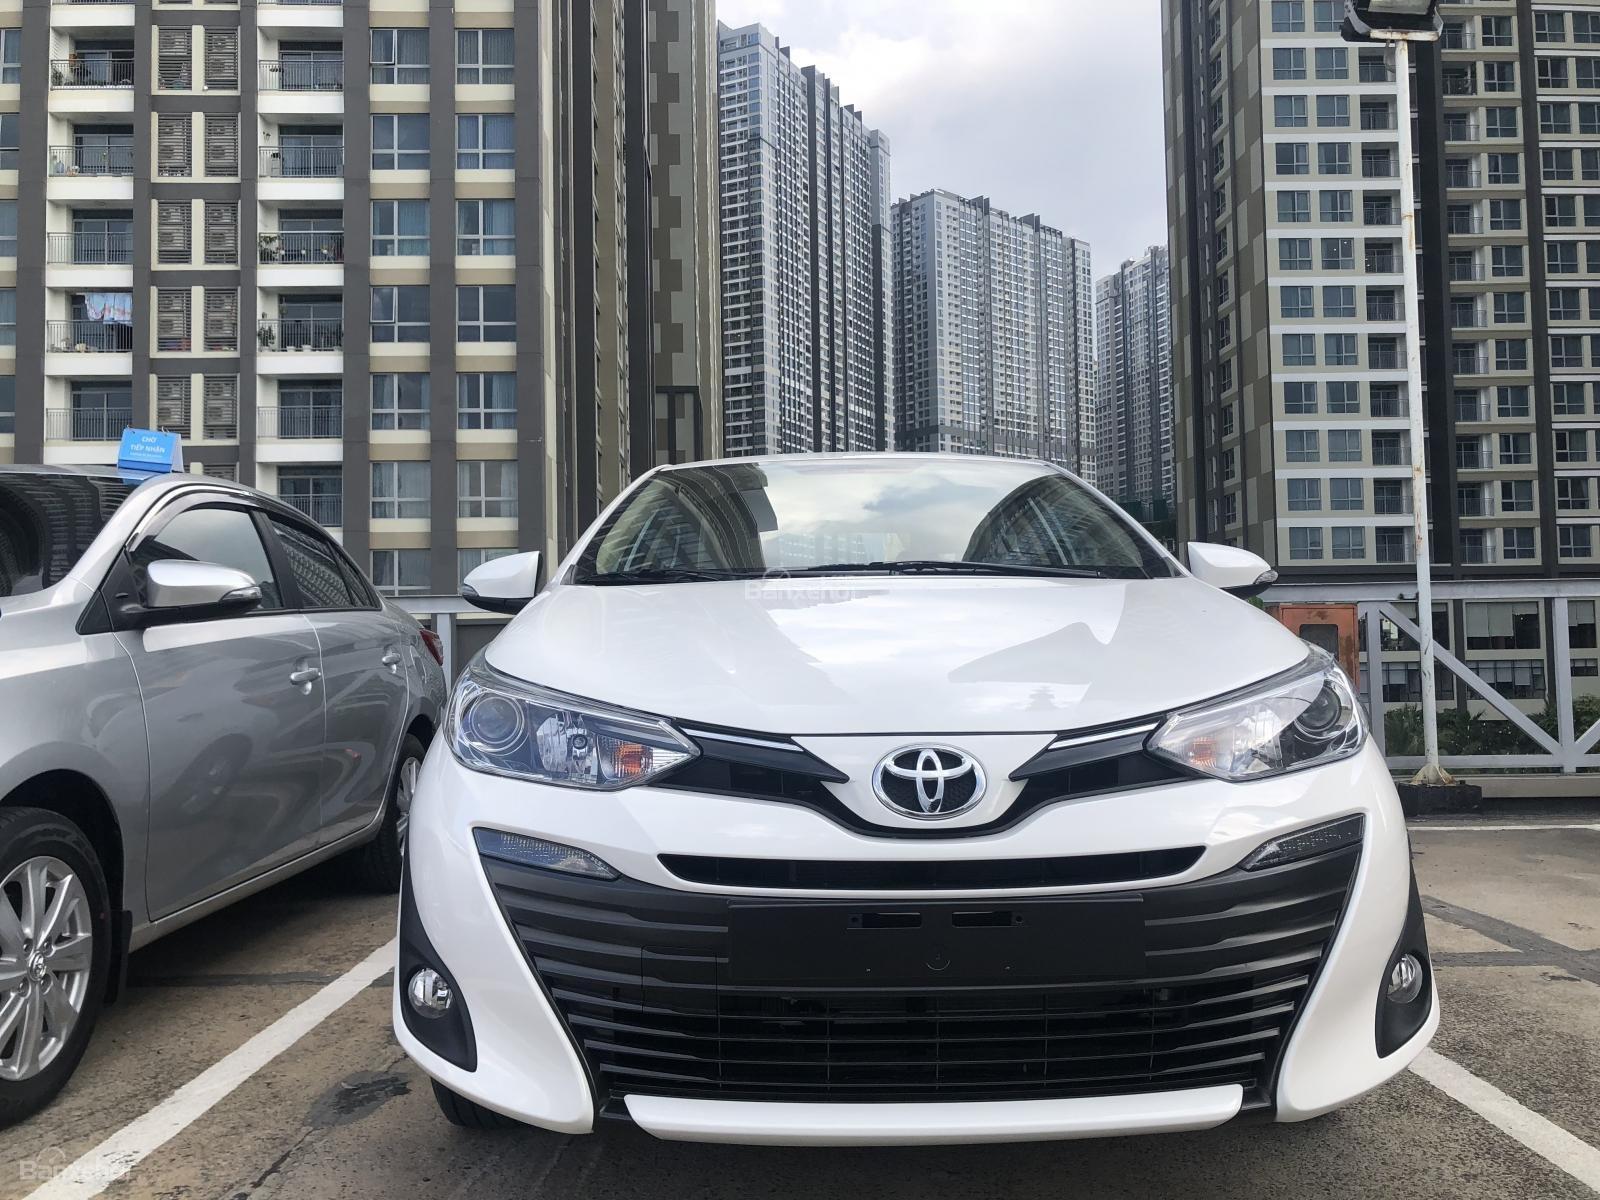 Toyota Tân Cảng Bán Vios 2019 Khuyến Mãi Lớn Nhất Năm-Trả Trọn Gói 150 Trđ Nhận Xe-LH 0901923399-0